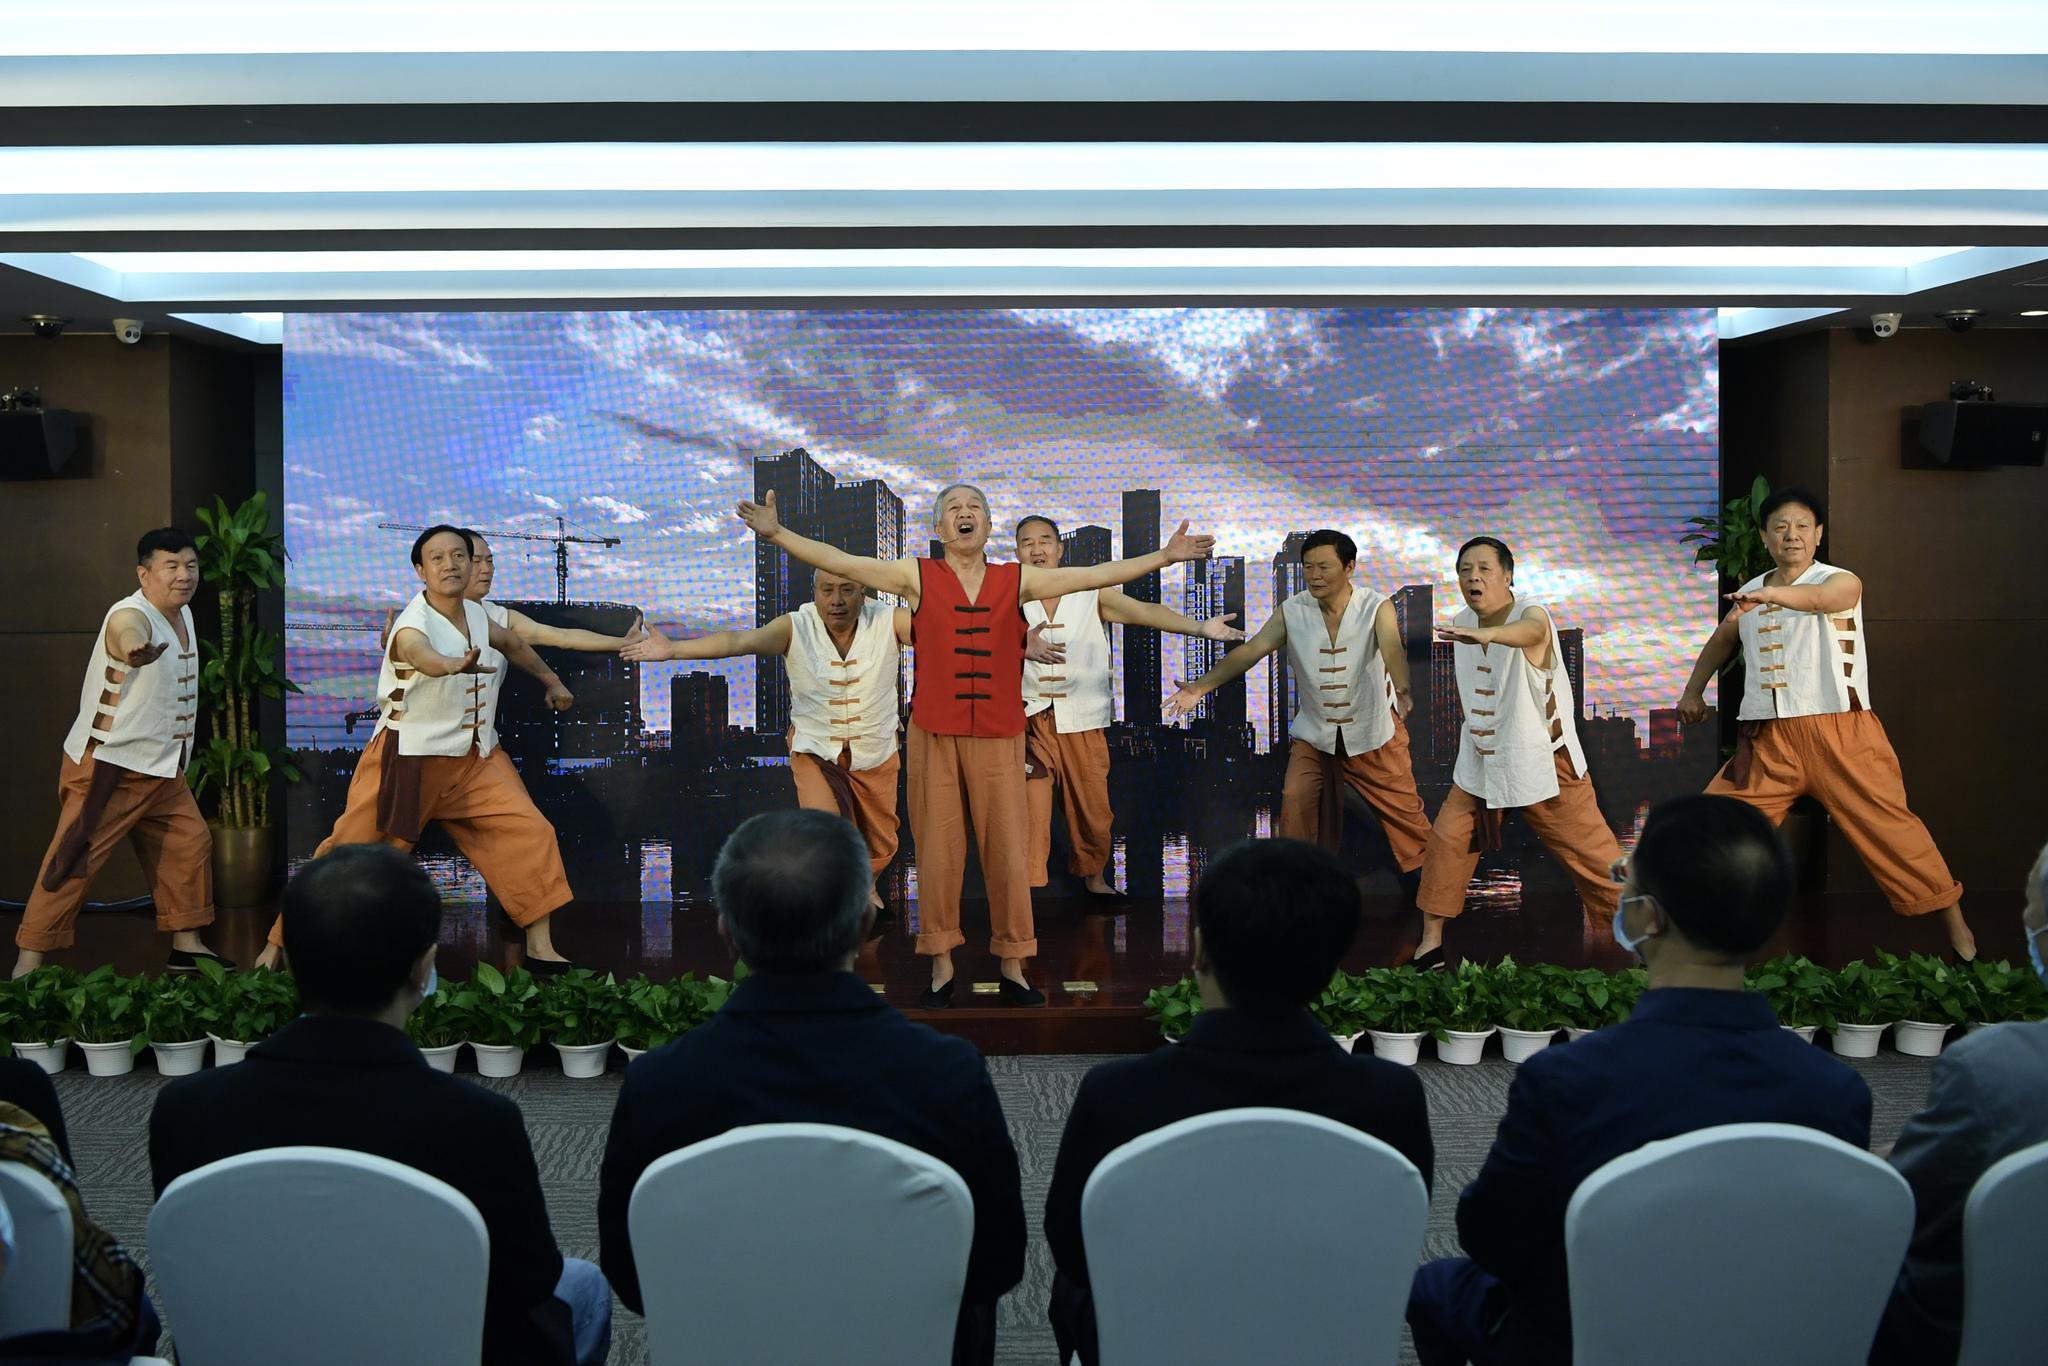 在北京城市广播副中心之声开播仪式上,通州文化馆运河号子表演团带来《运河号子》节目。摄影/新京报记者 吴江